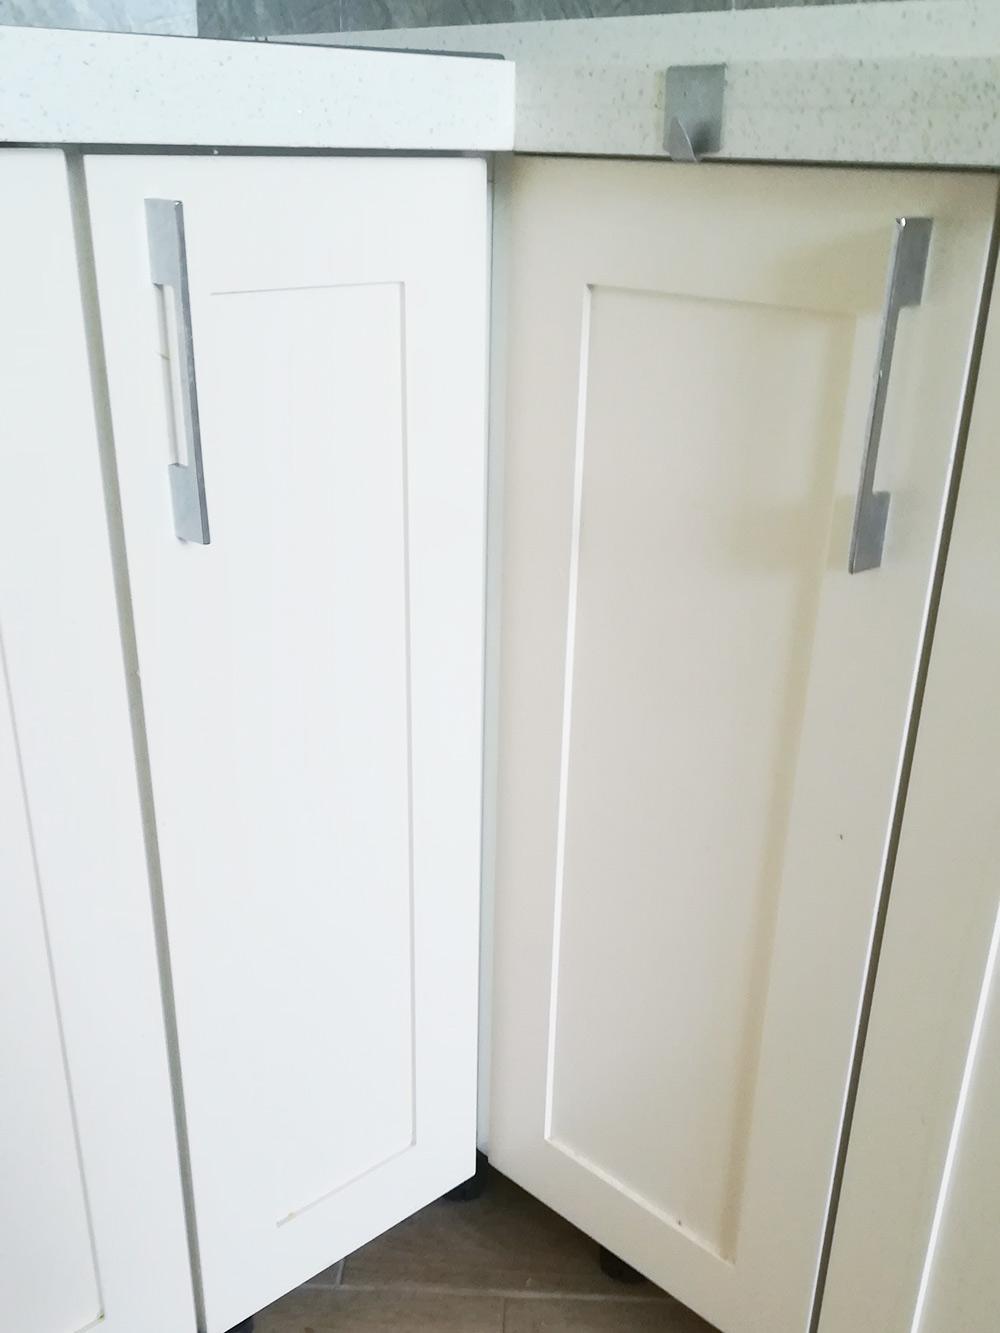 Между этими дверцами я сделал отступ 5 см, чтобы приоткрывании они не ударялись друг о друга